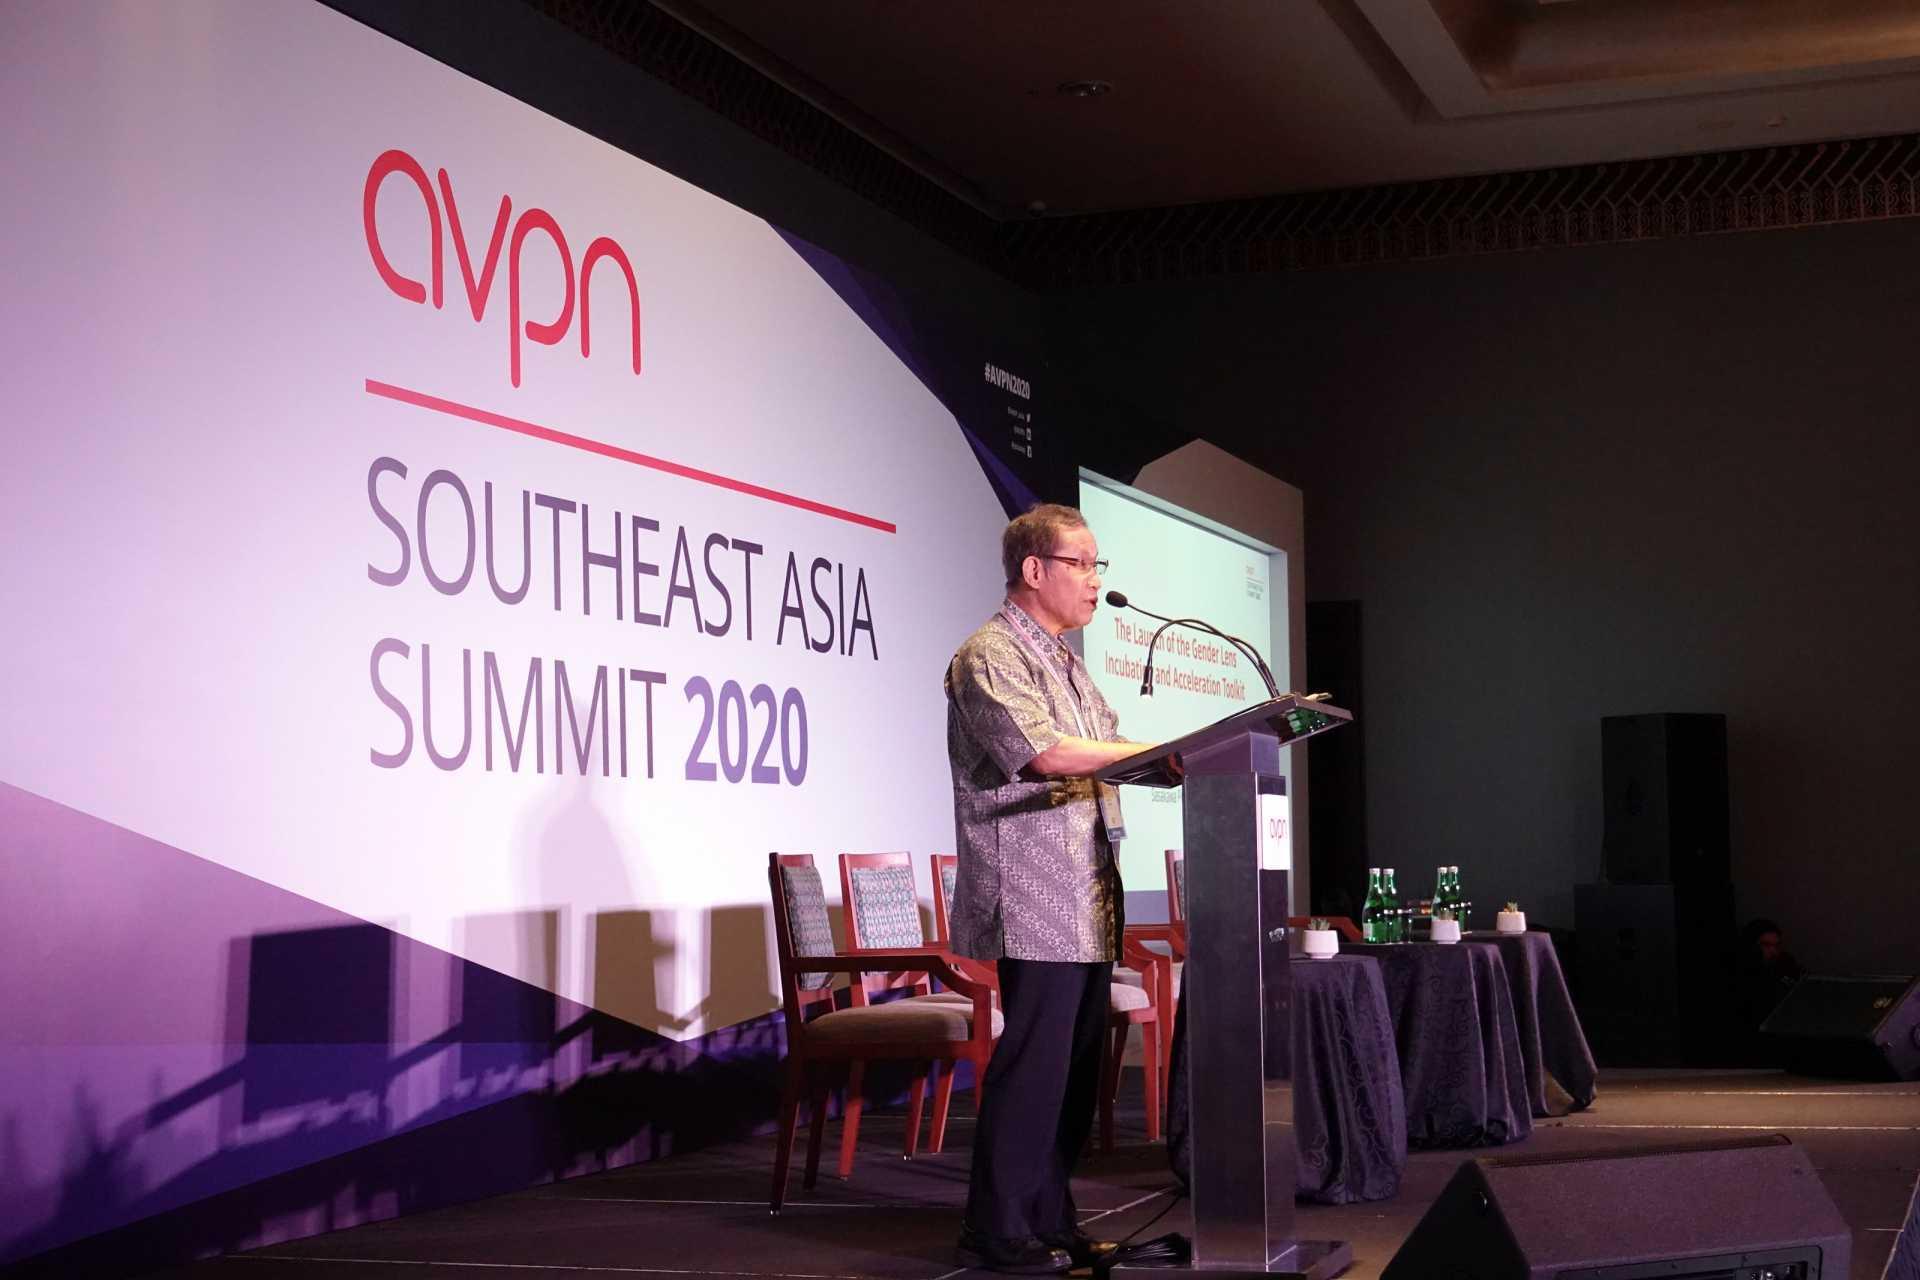 東南アジアにおけるジェンダースマートな起業家エコシステムの構築に向けて<br> ―インドネシアでのAVPN東南アジアサミットにて「GLIAツールキット」を発表―